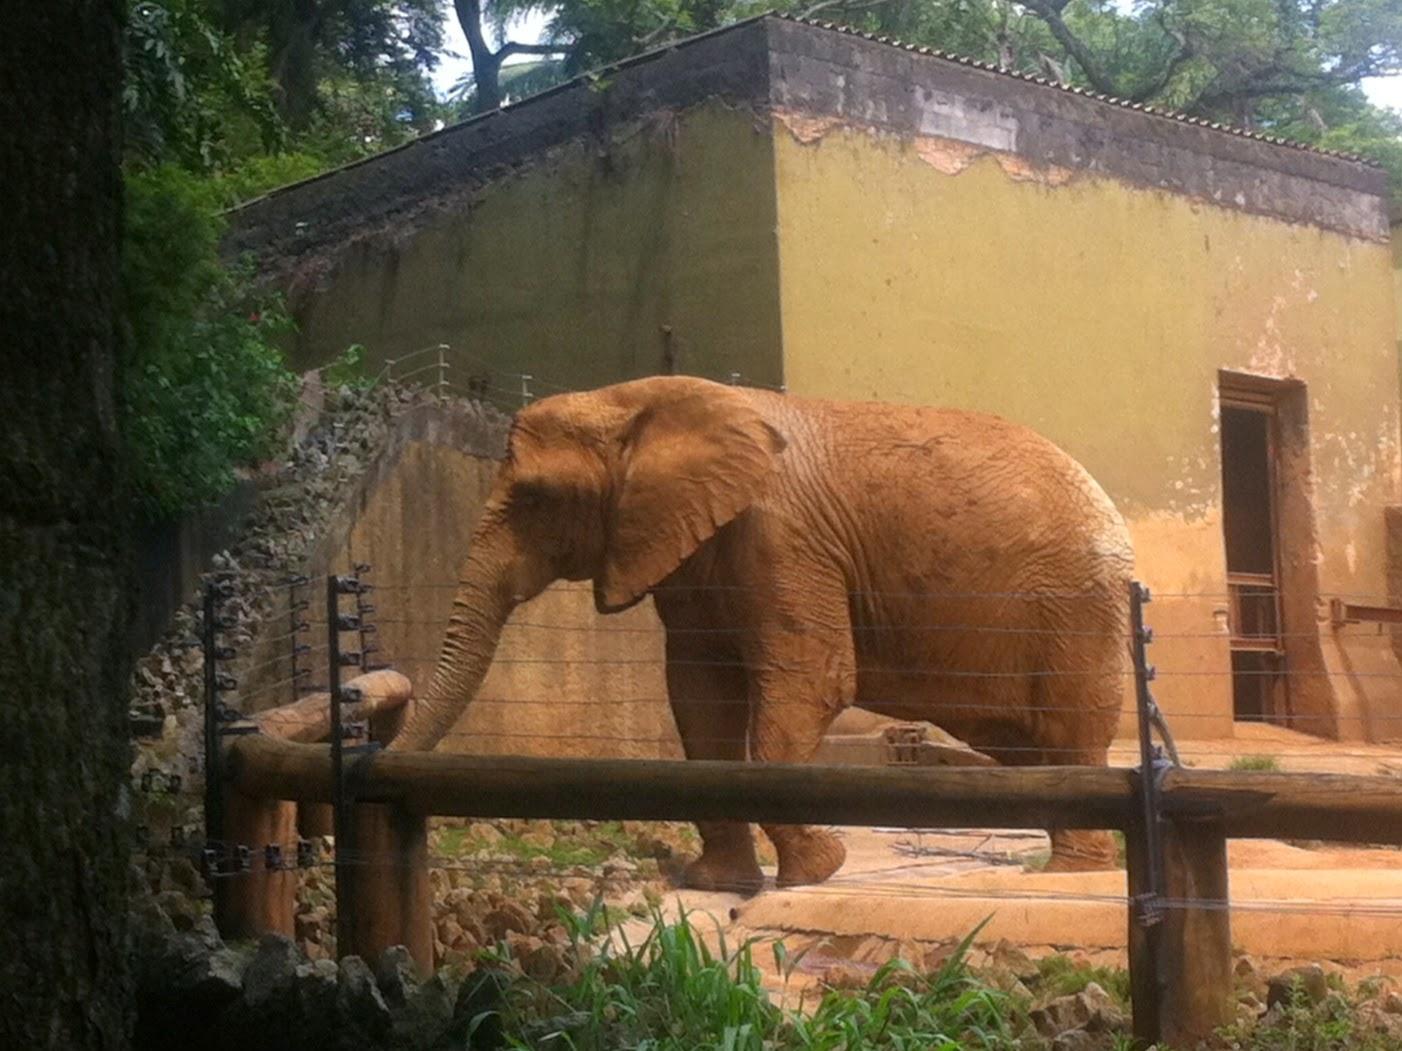 Descrição da Foto: Um elefante coberto de lama, sai de dentro de um pequeno lago. Ele está dentro de um espaço com cerca de madeira com vários arames. No fundo uma pequena casa na cor bege com uma porta aberta. Grama e árvores em volta.